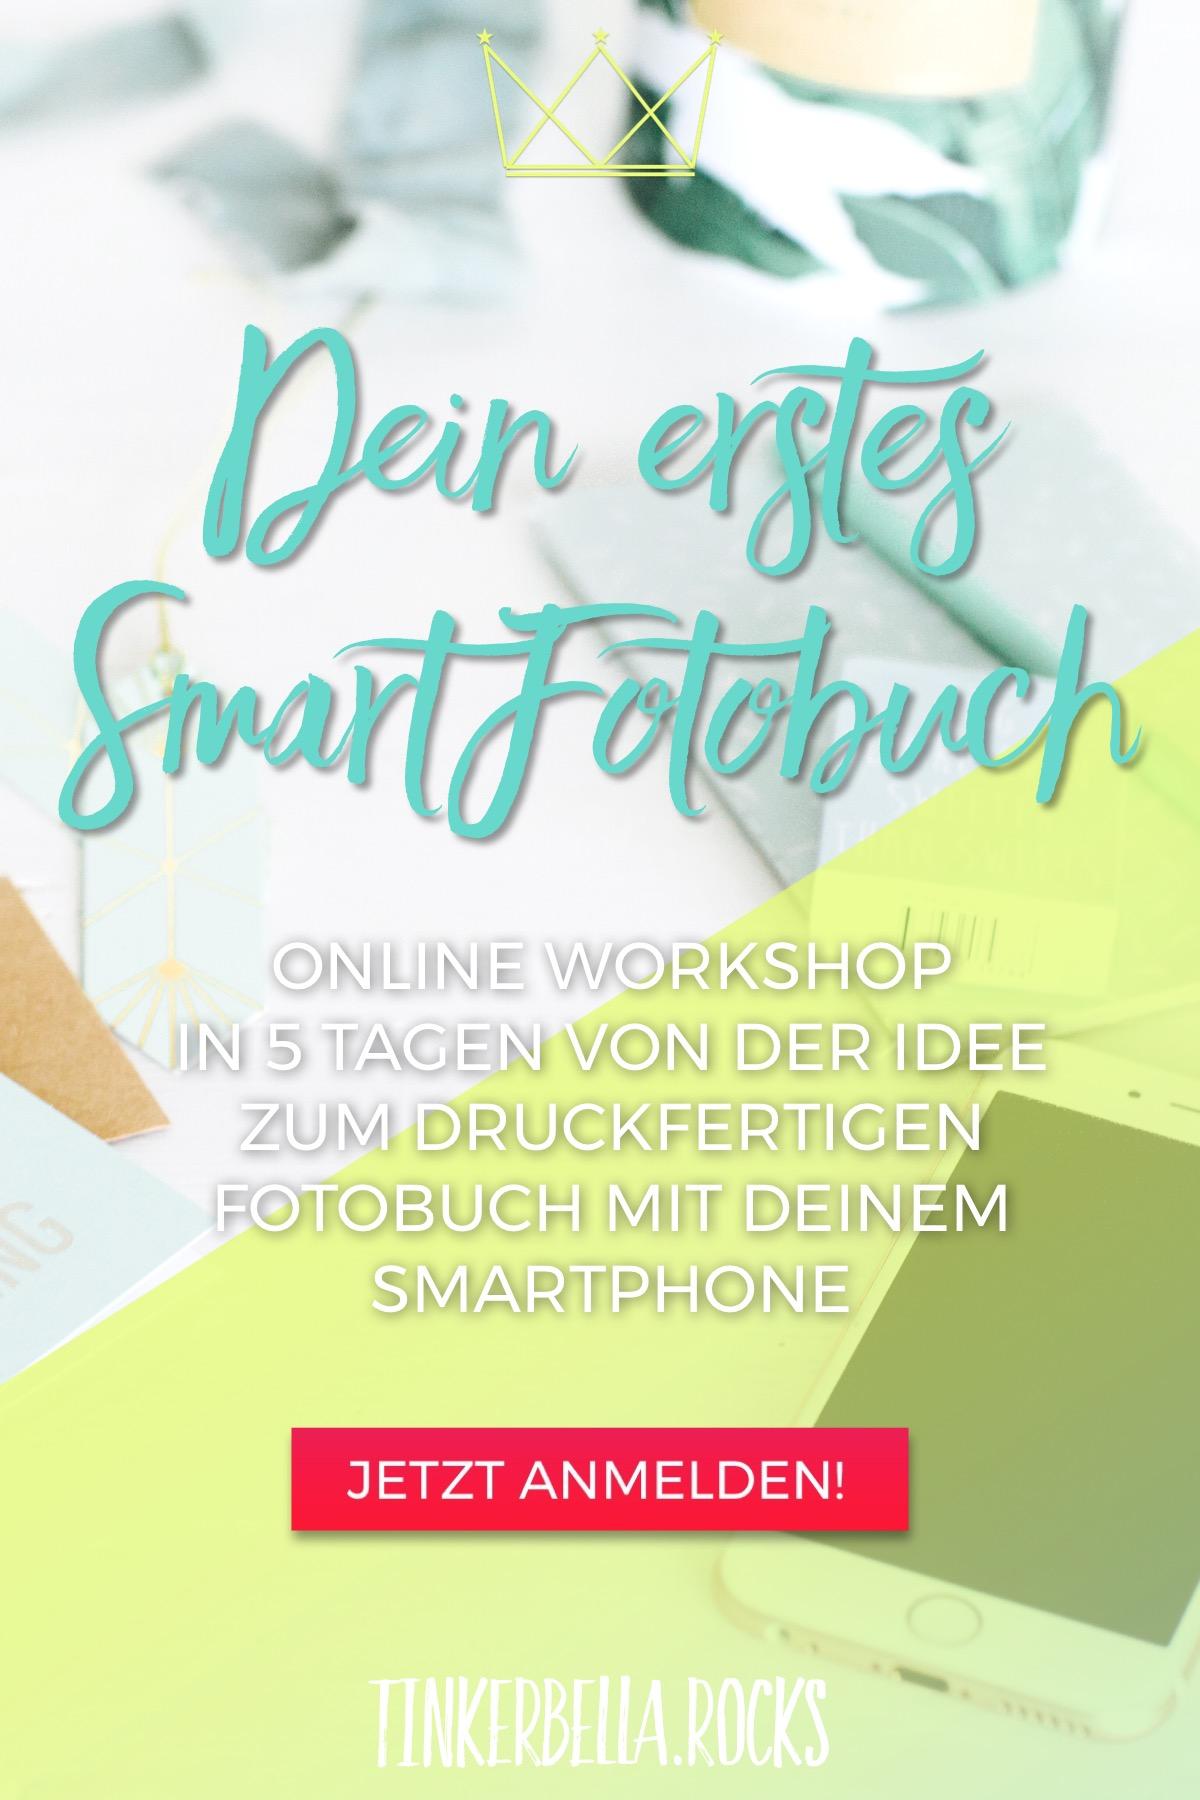 Dein erstes SmartFotobuch - Online Workshop // In 5 Tagen von der Idee zum druckfertigen Fotobuch mit deinem Smartphone // Jetzt anmelden!